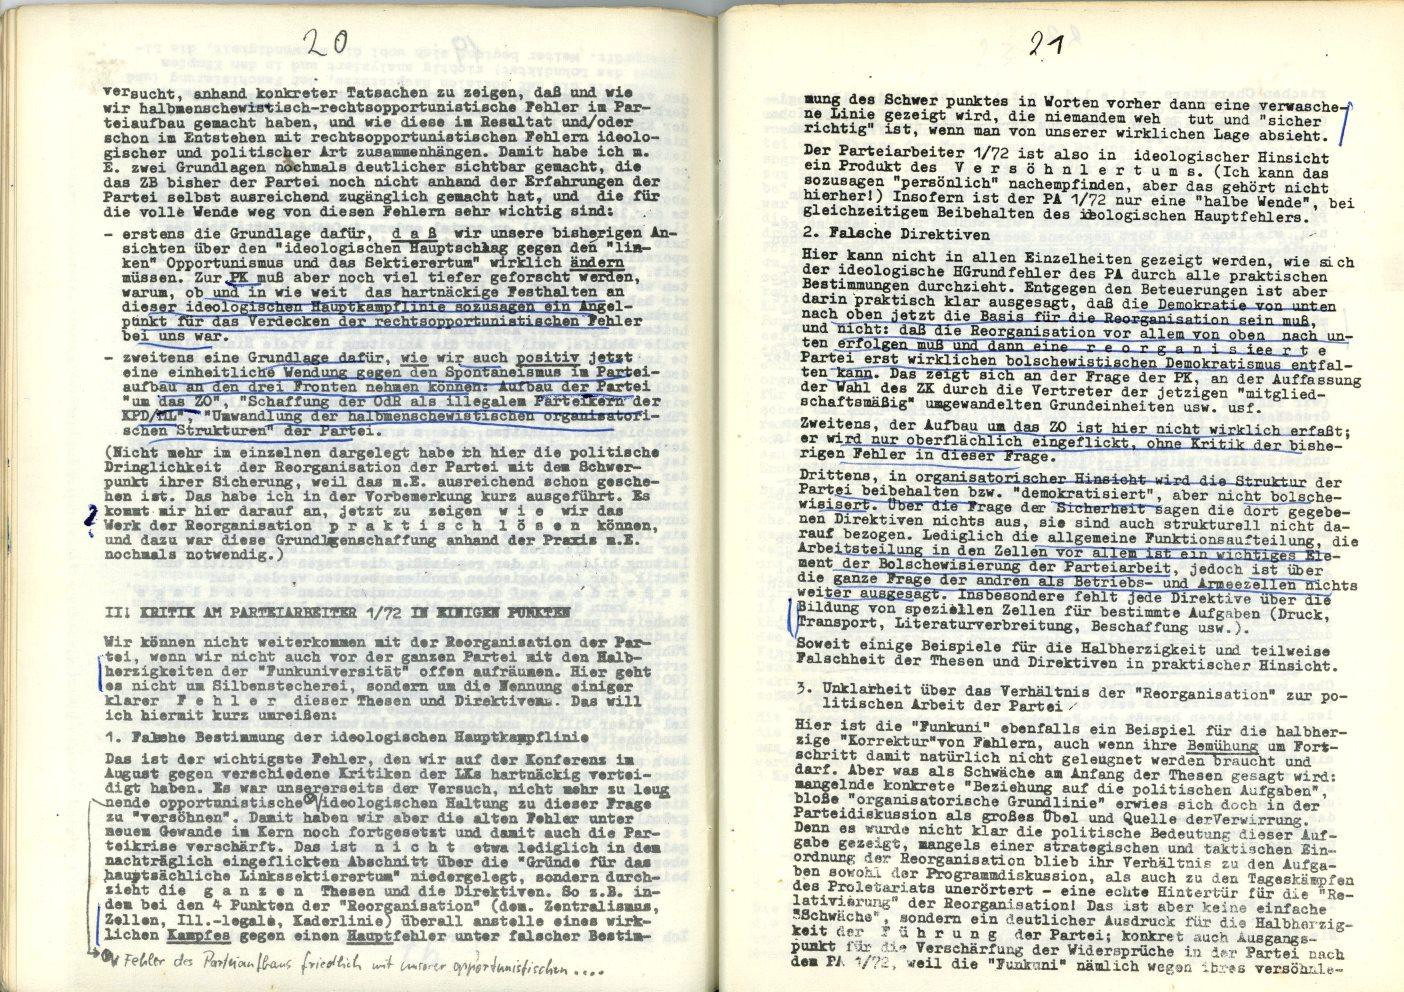 ZB_1972_Diskussionsorgan_zur_ersten_Parteikonferenz_12